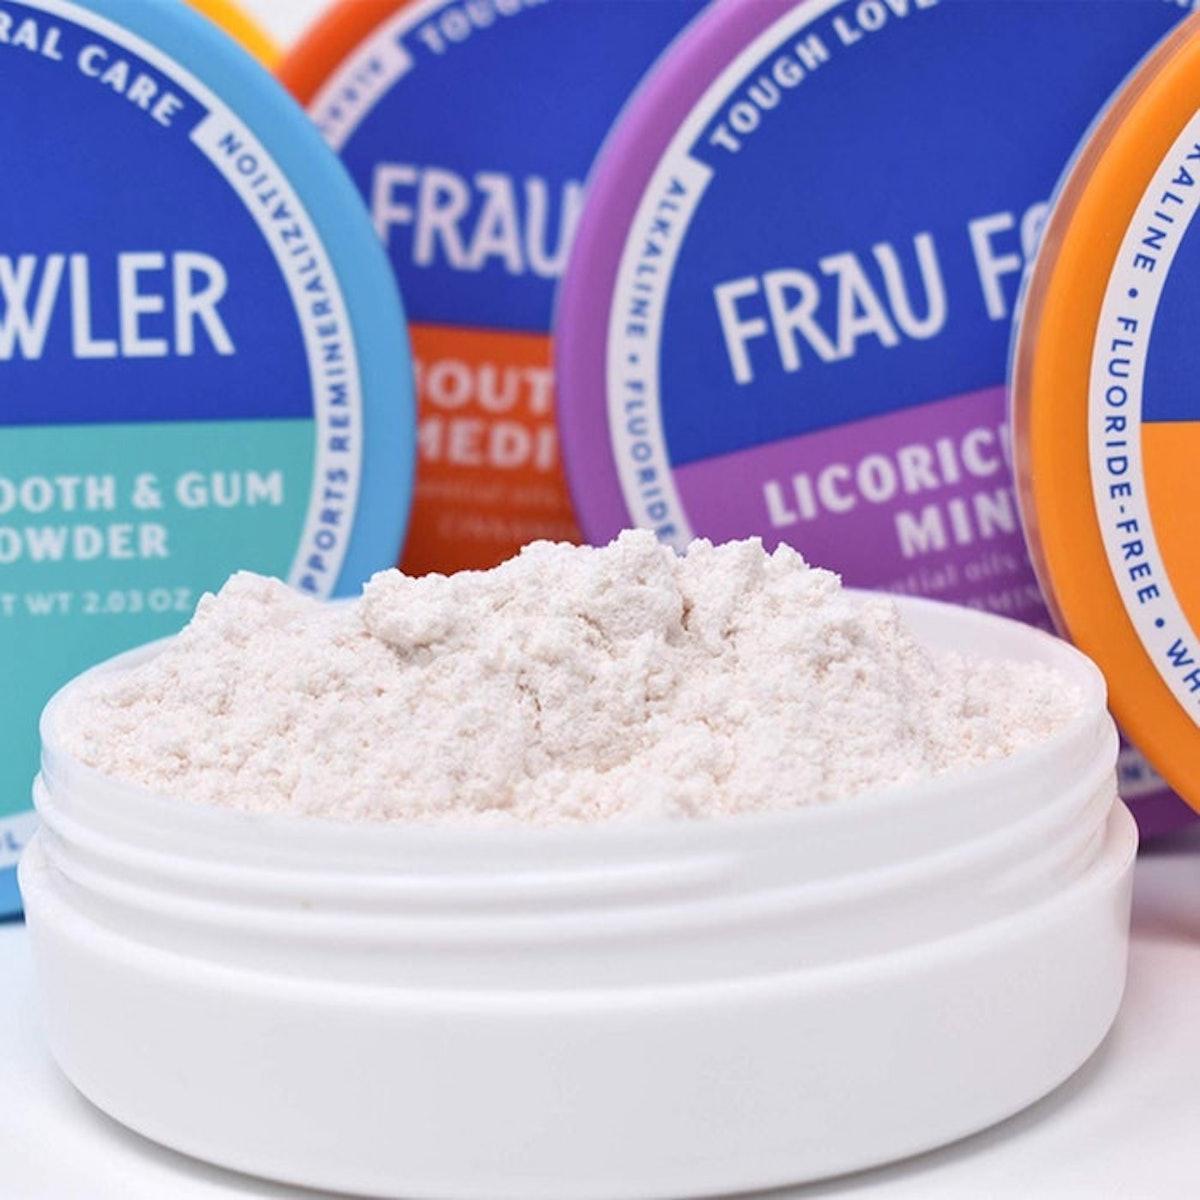 Frau Fowler Natural Oral Care